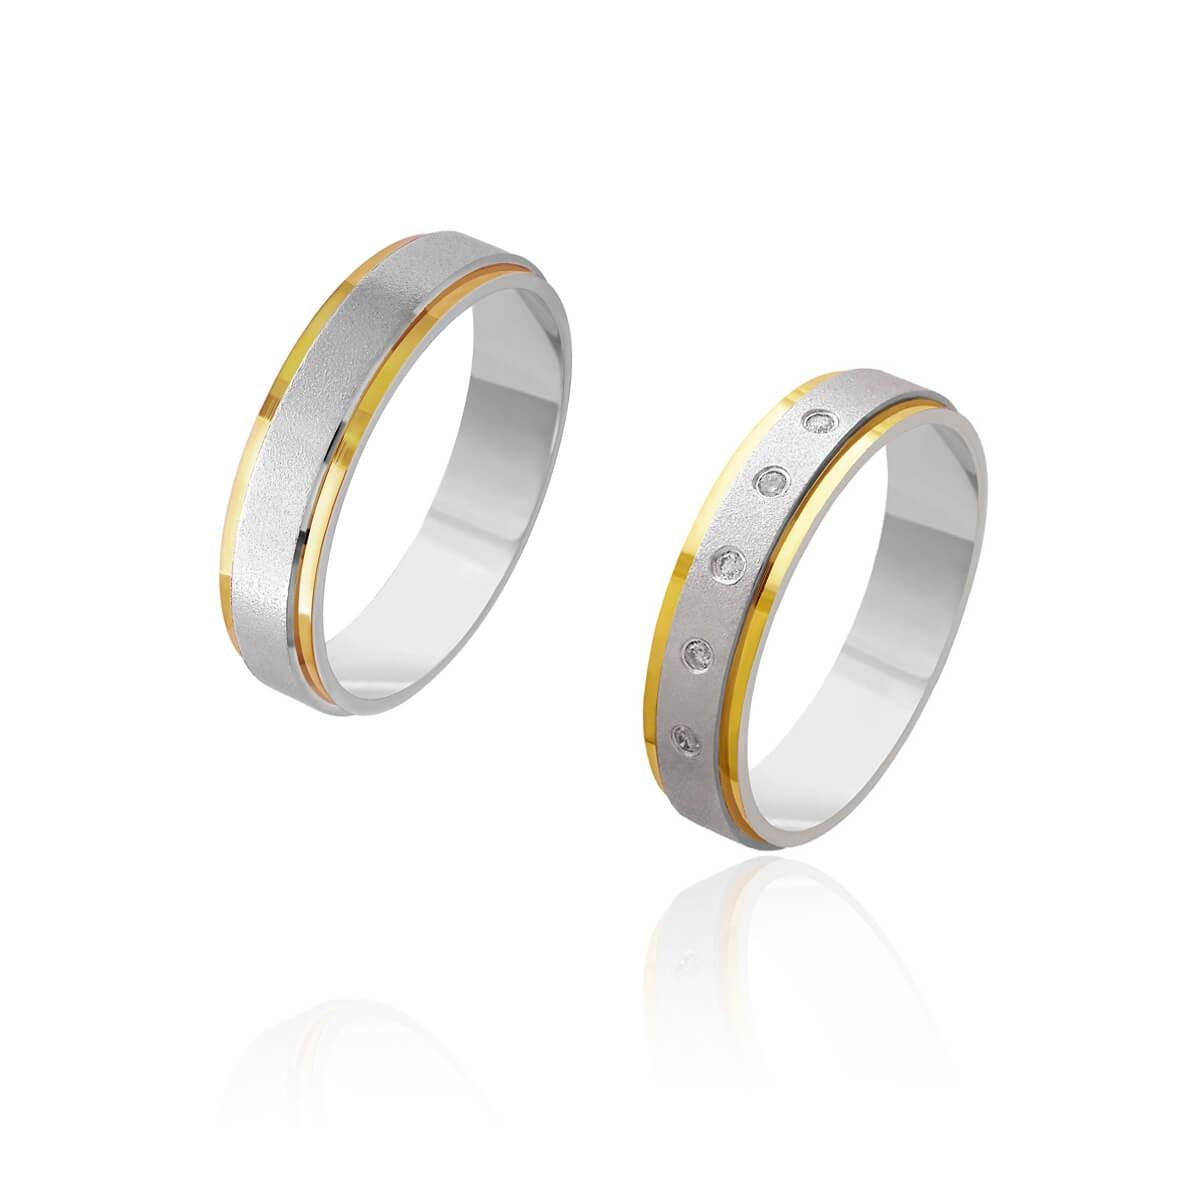 Par de Alianças de Casamento Afrodite Ouro 18k Aplique Central Ouro 18k Branco Brilhantes 5mm 6 g